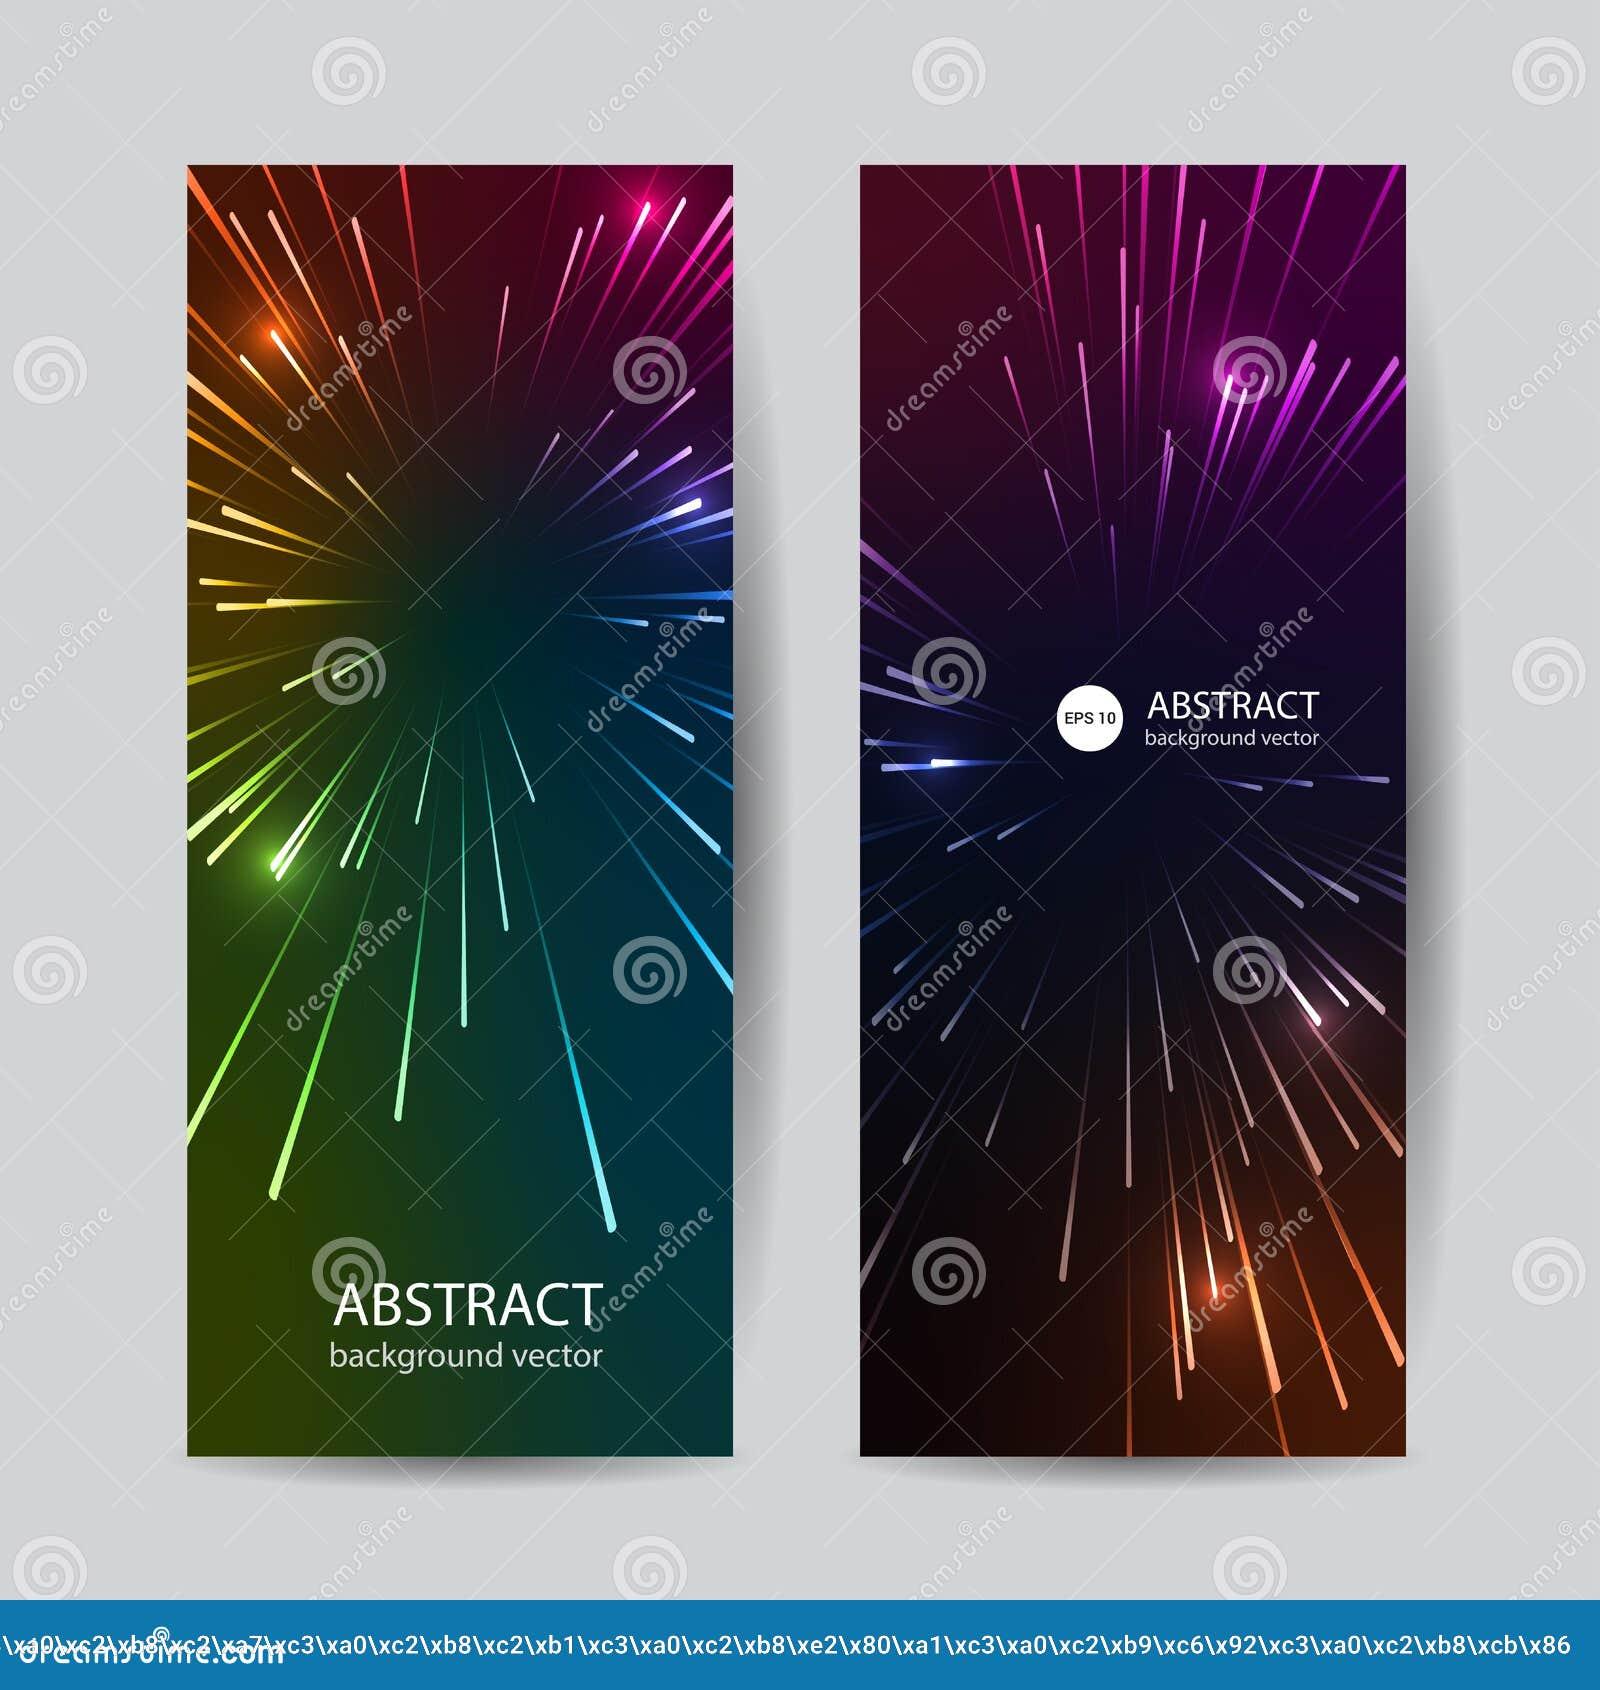 Las l?neas coloridas del extracto del vector de la bandera indican el fondo del efecto luminoso